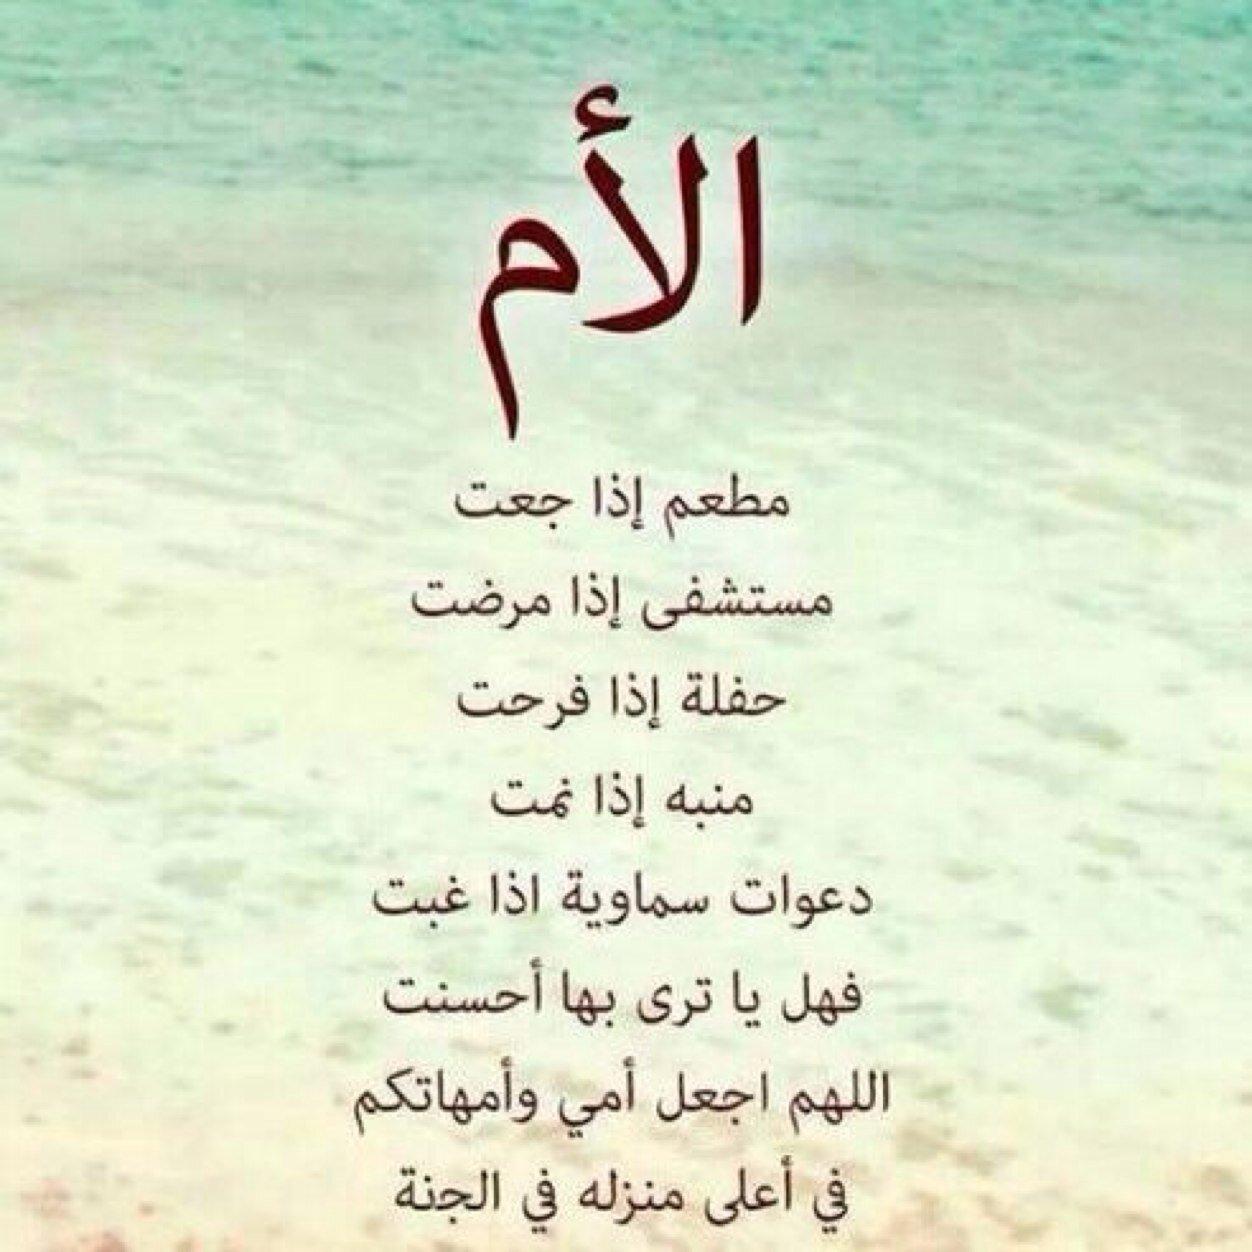 صوره حكم عن الام , الام وحكم لتعظيم من شانها